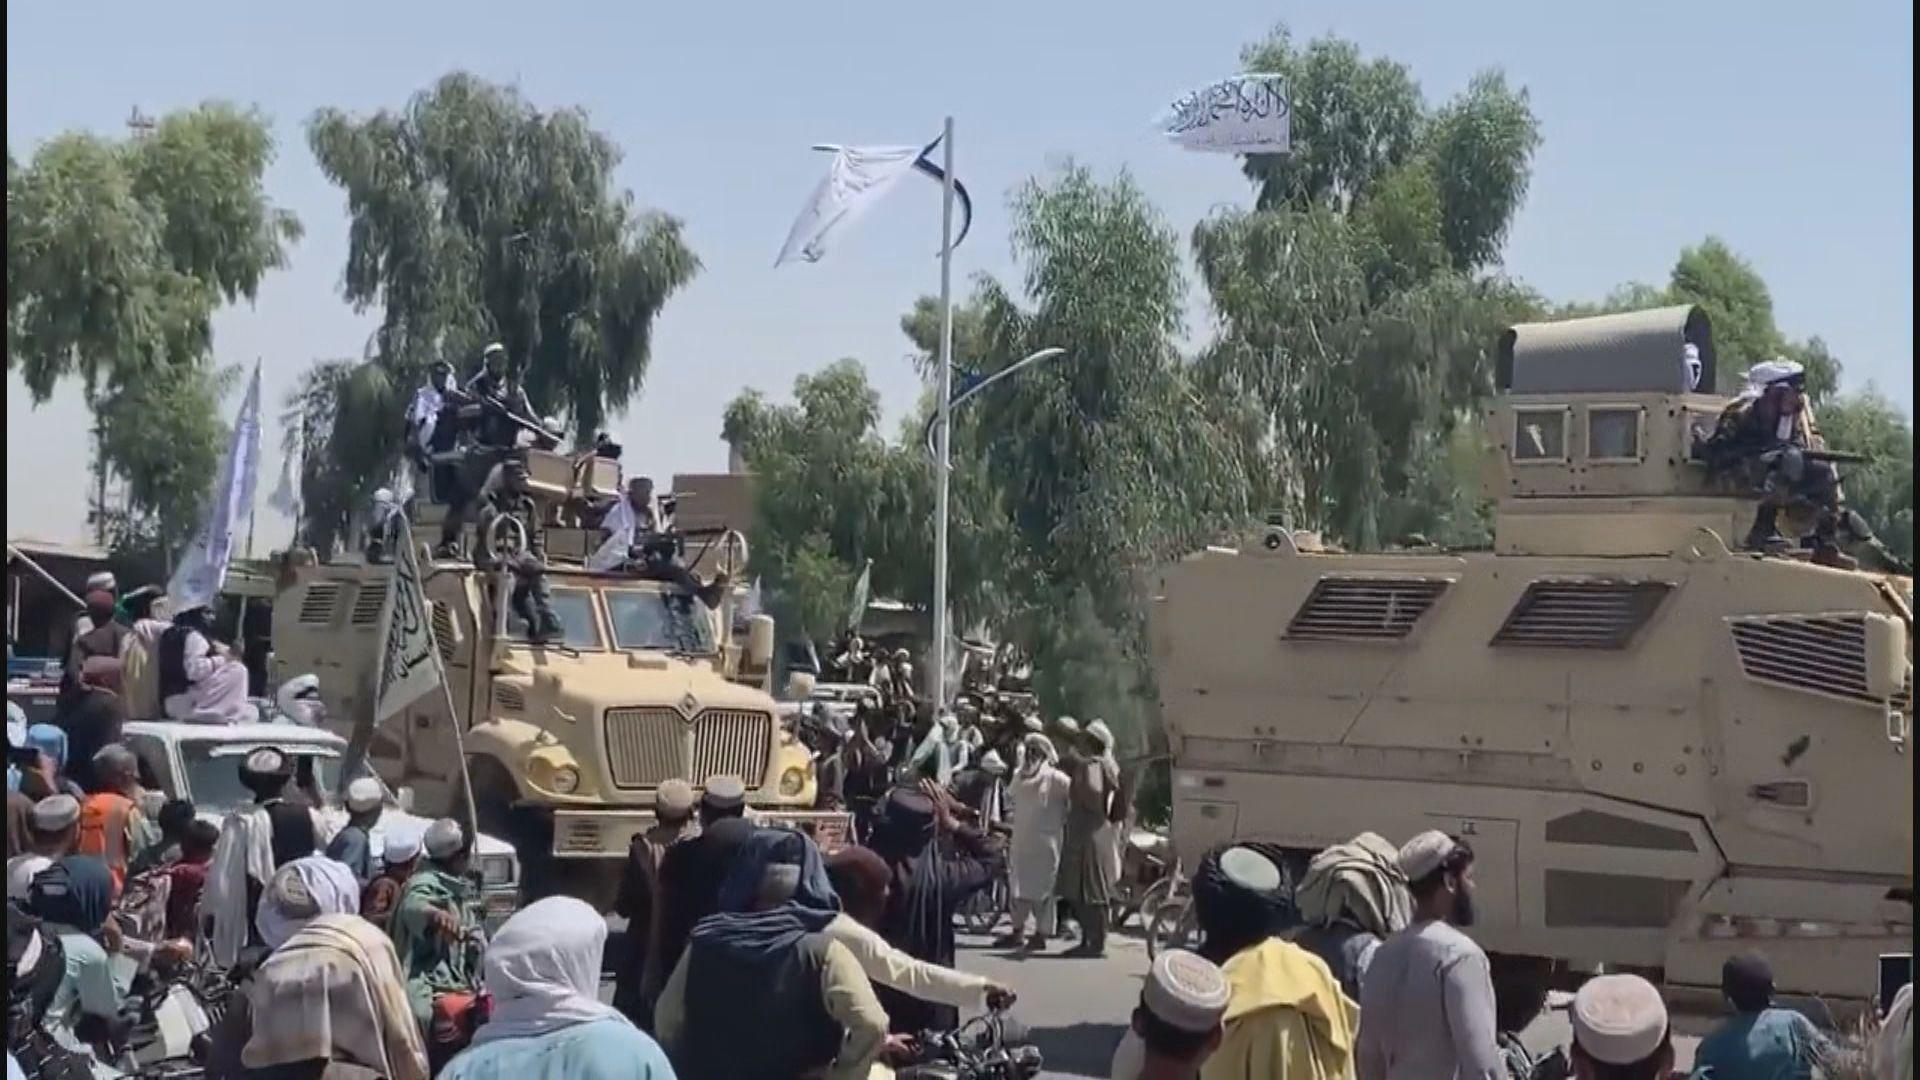 塔利班在坎大哈「閱兵」展示美軍軍備